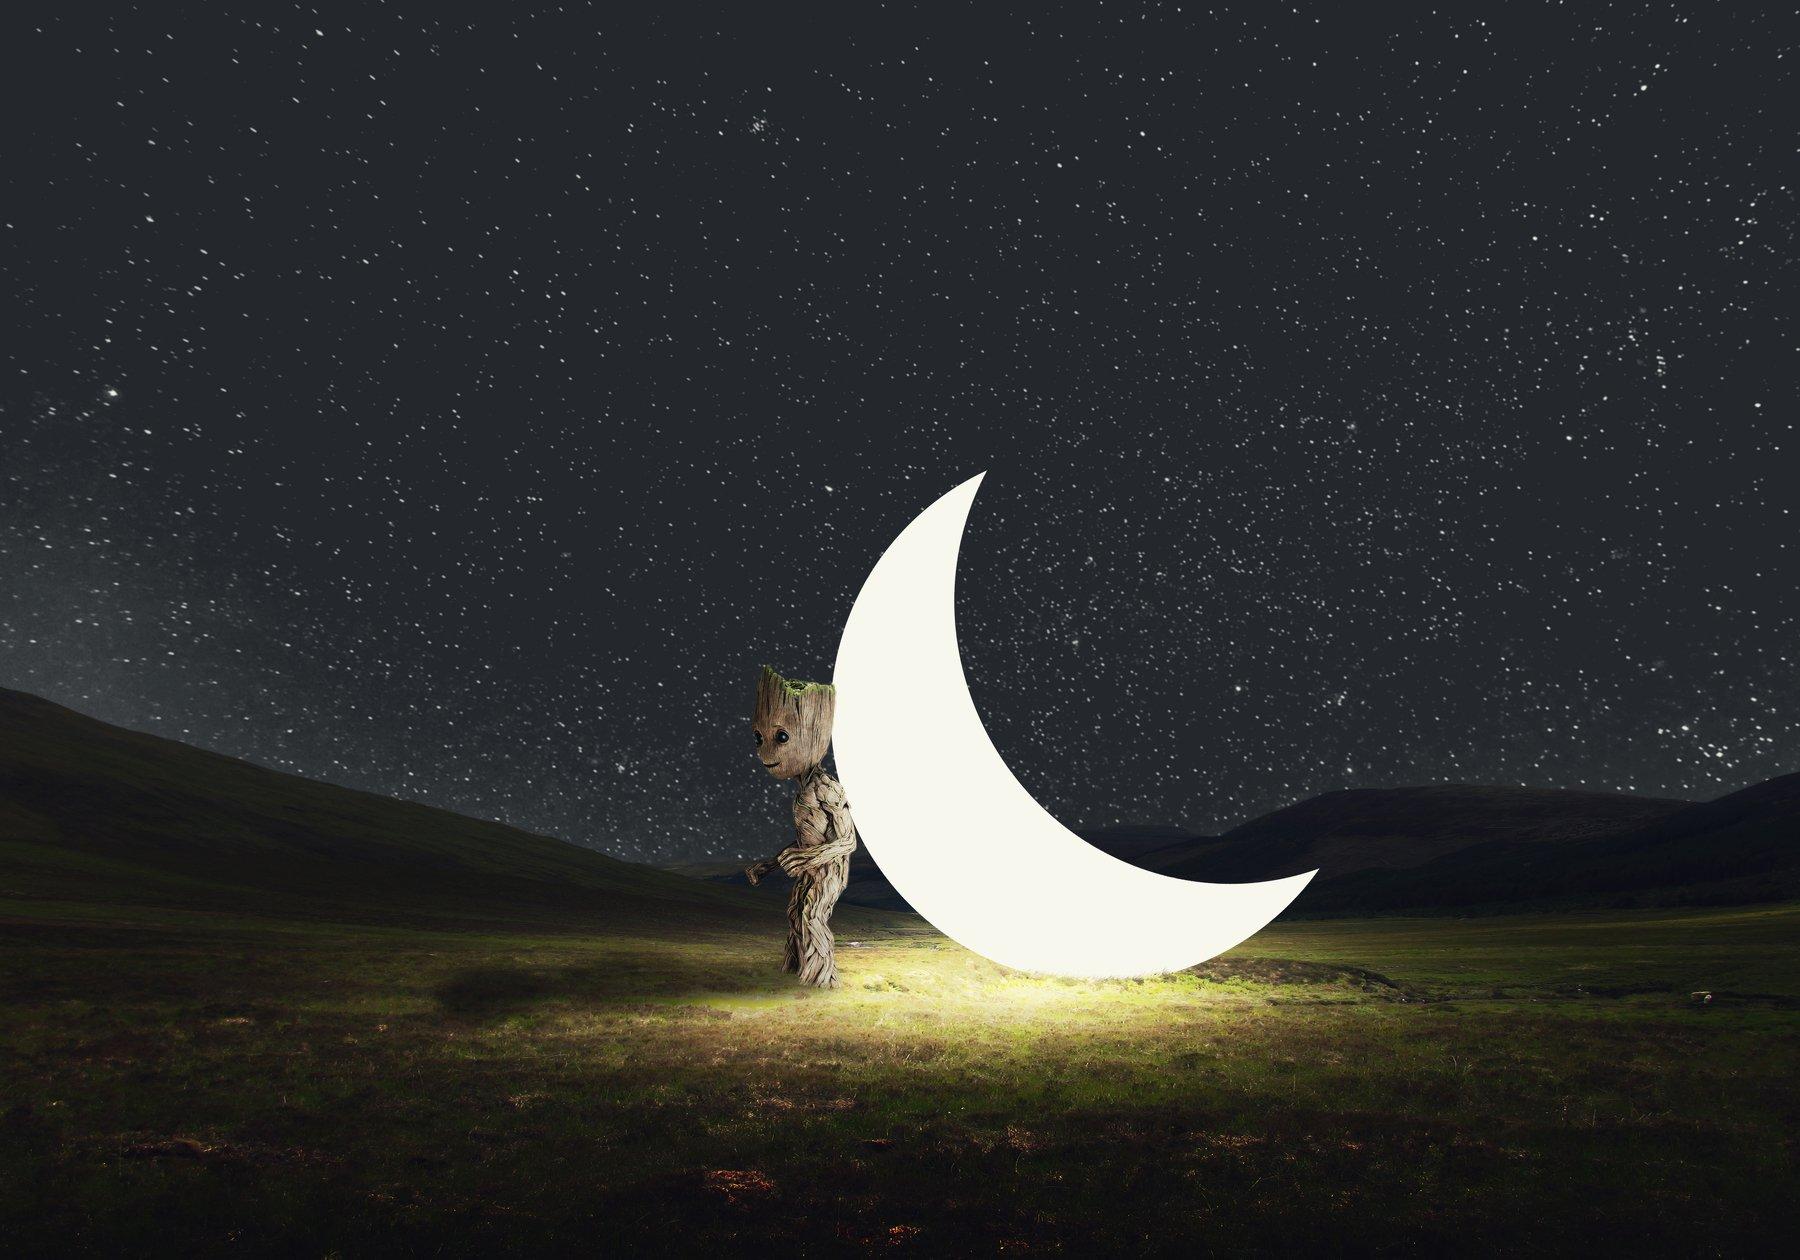 поле, звезды, месяц,, Sergii Vidov